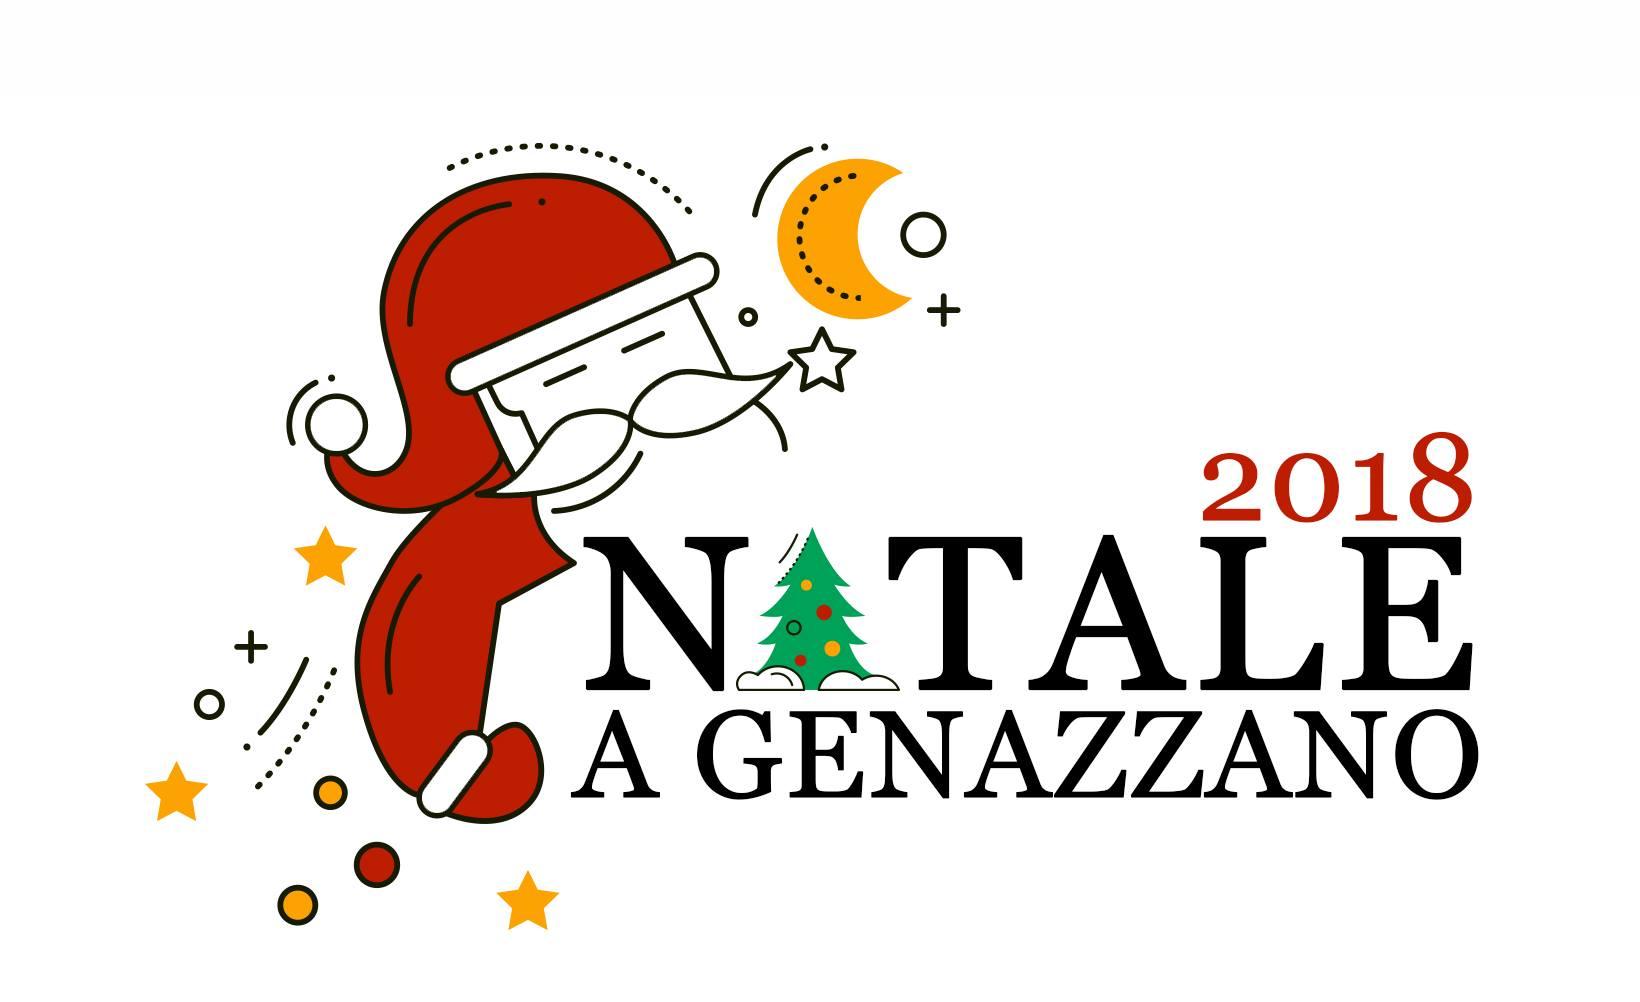 Natale a Genazzano 2018